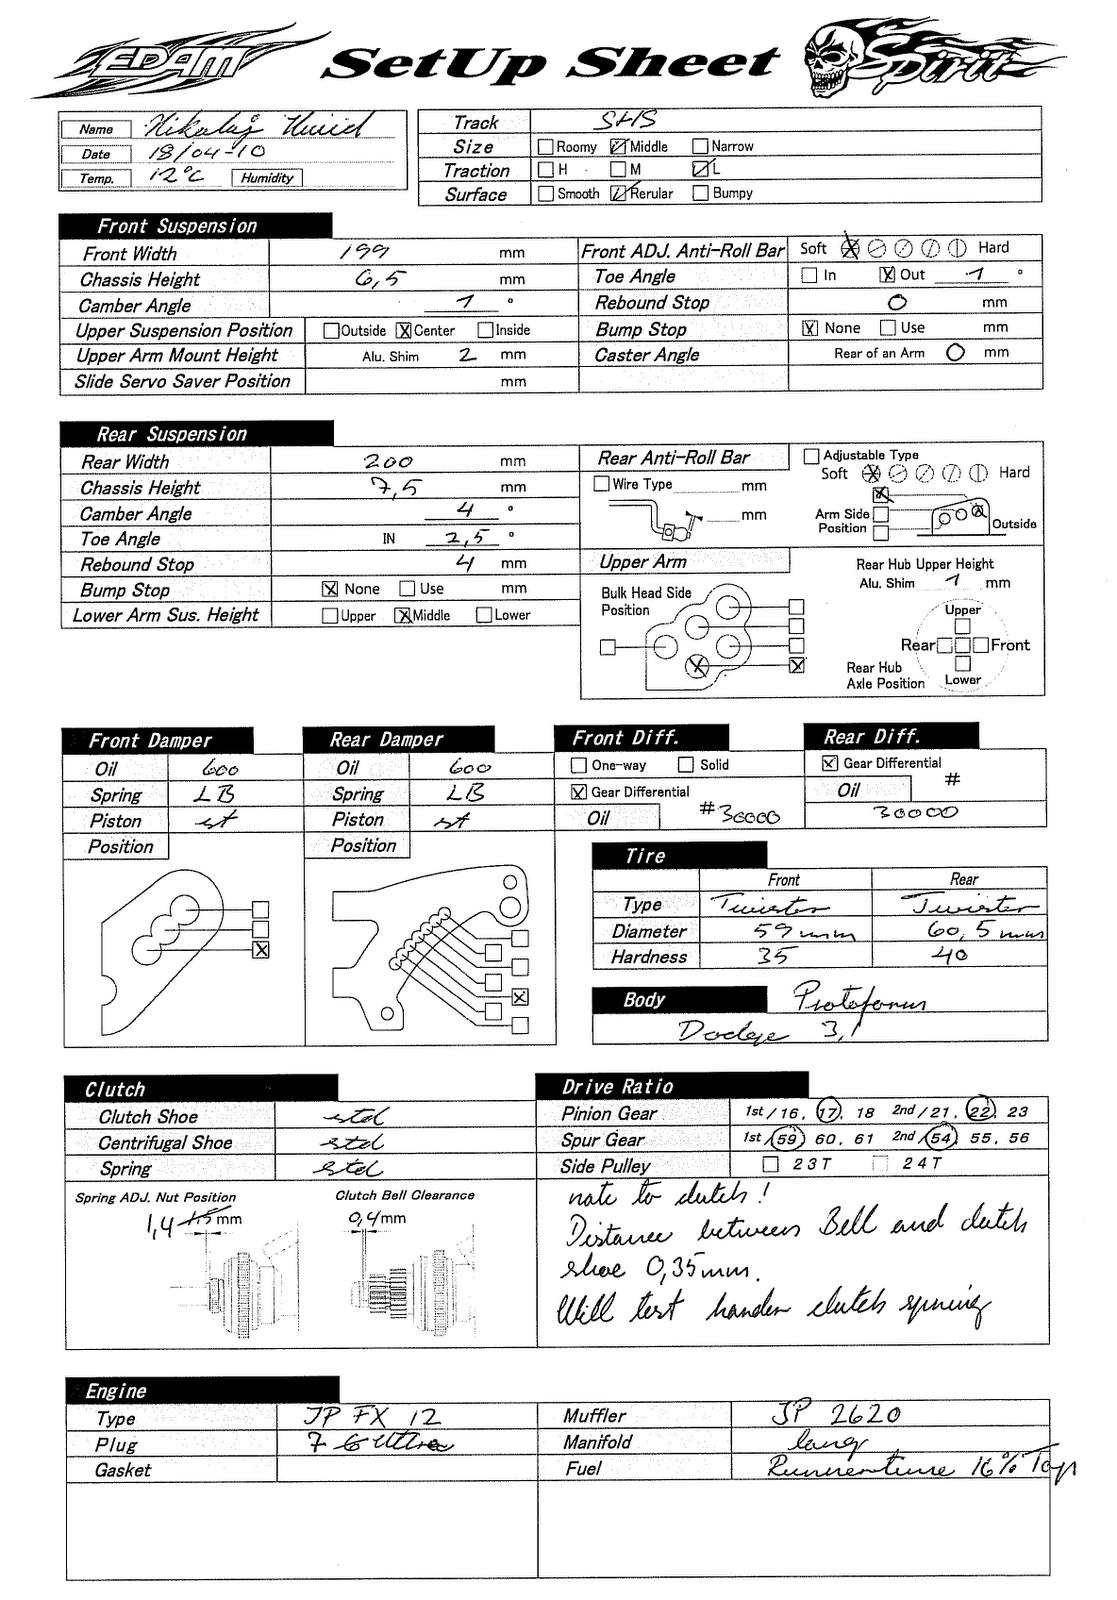 sh m28 p3 engine manual